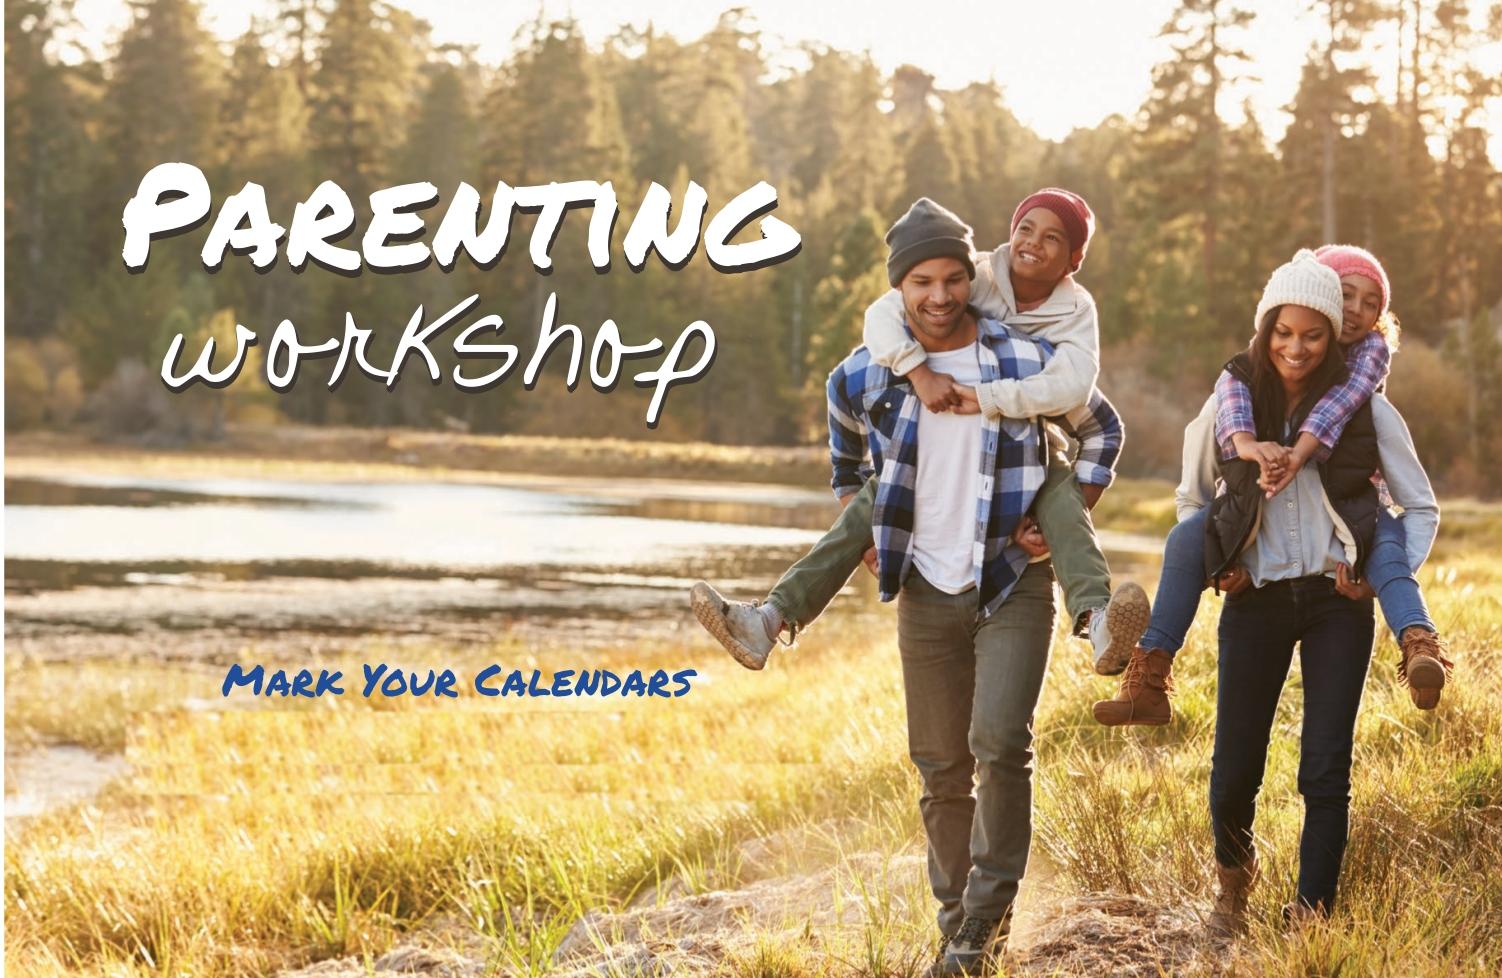 Parentingworkshop2